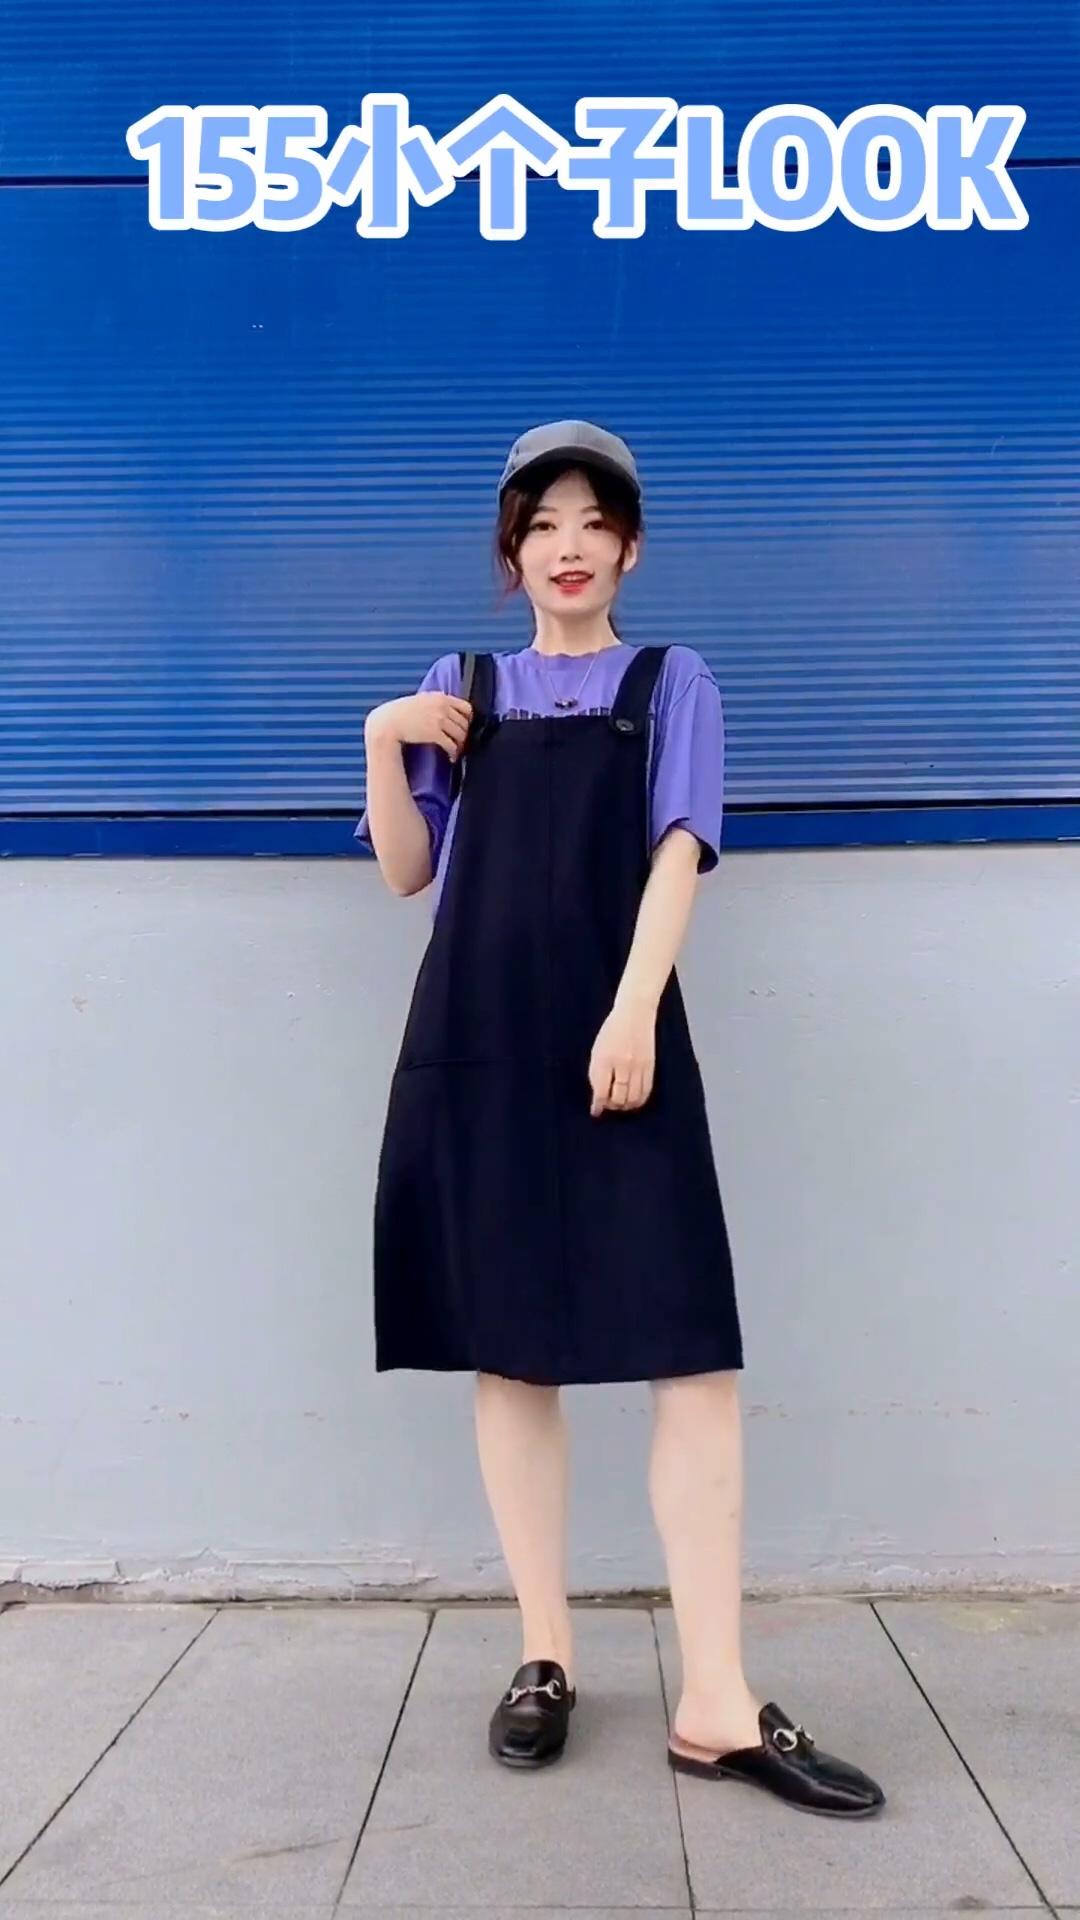 #网红度假穿搭,照搬不误!#  减龄背带裙LOOK 紫色和藏青色的配色很好看哈 显白的一套~ 度假or约会穿都不错哦